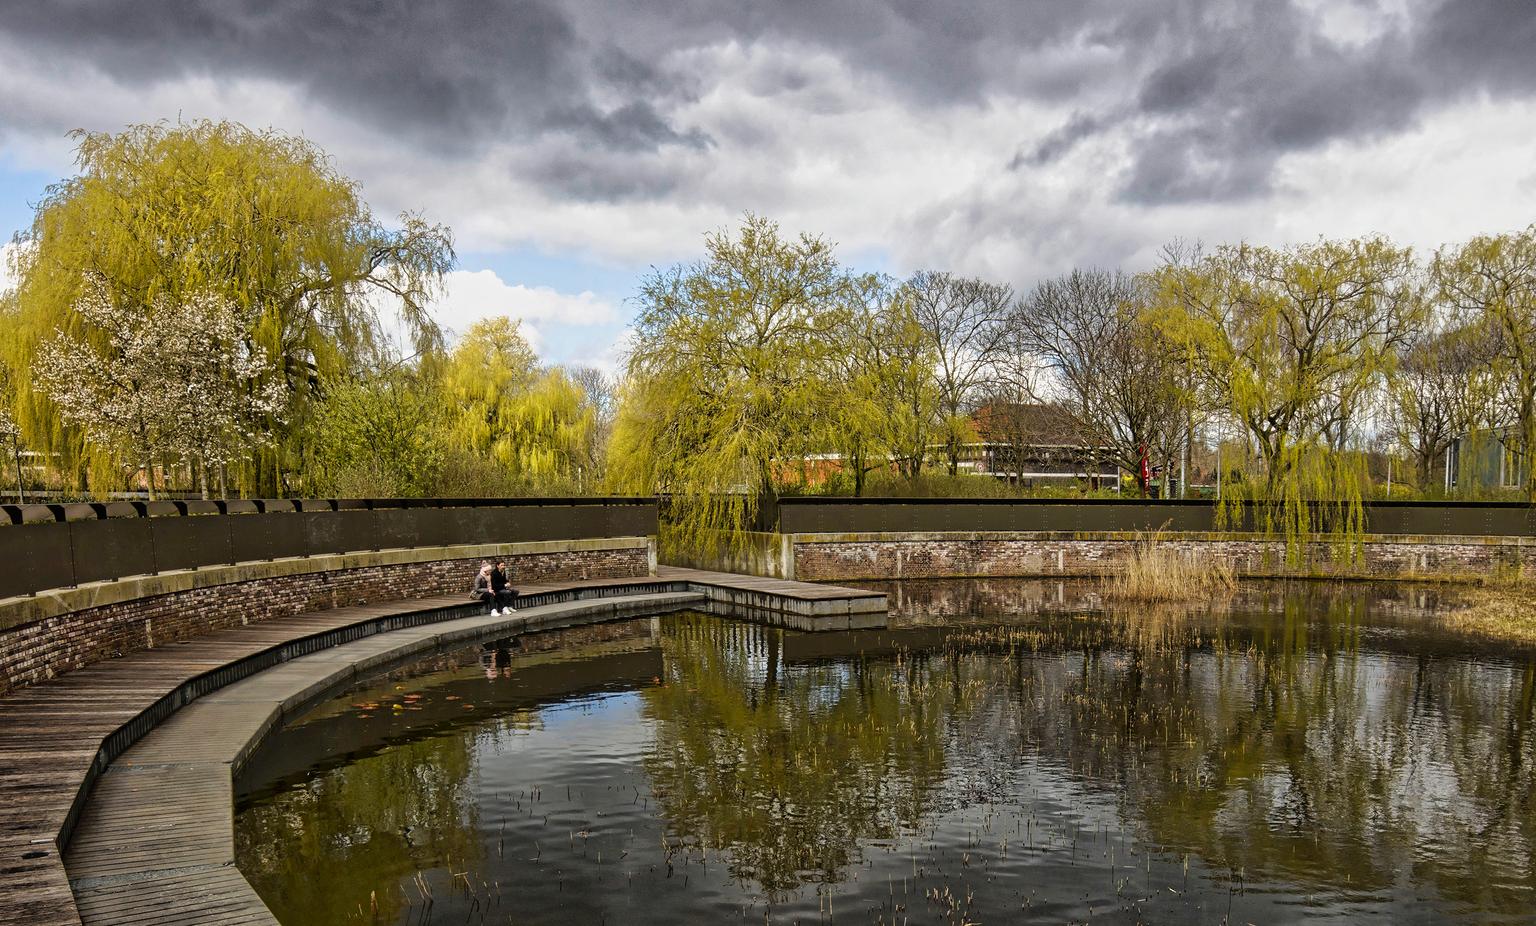 Zitten in de zon - Amsterdam : Westerpark - foto door dutchal op 11-04-2021 - deze foto bevat: water, wolk, lucht, fabriek, watervoorraden, natuurlijk landschap, boom, meer, geel, waterloop